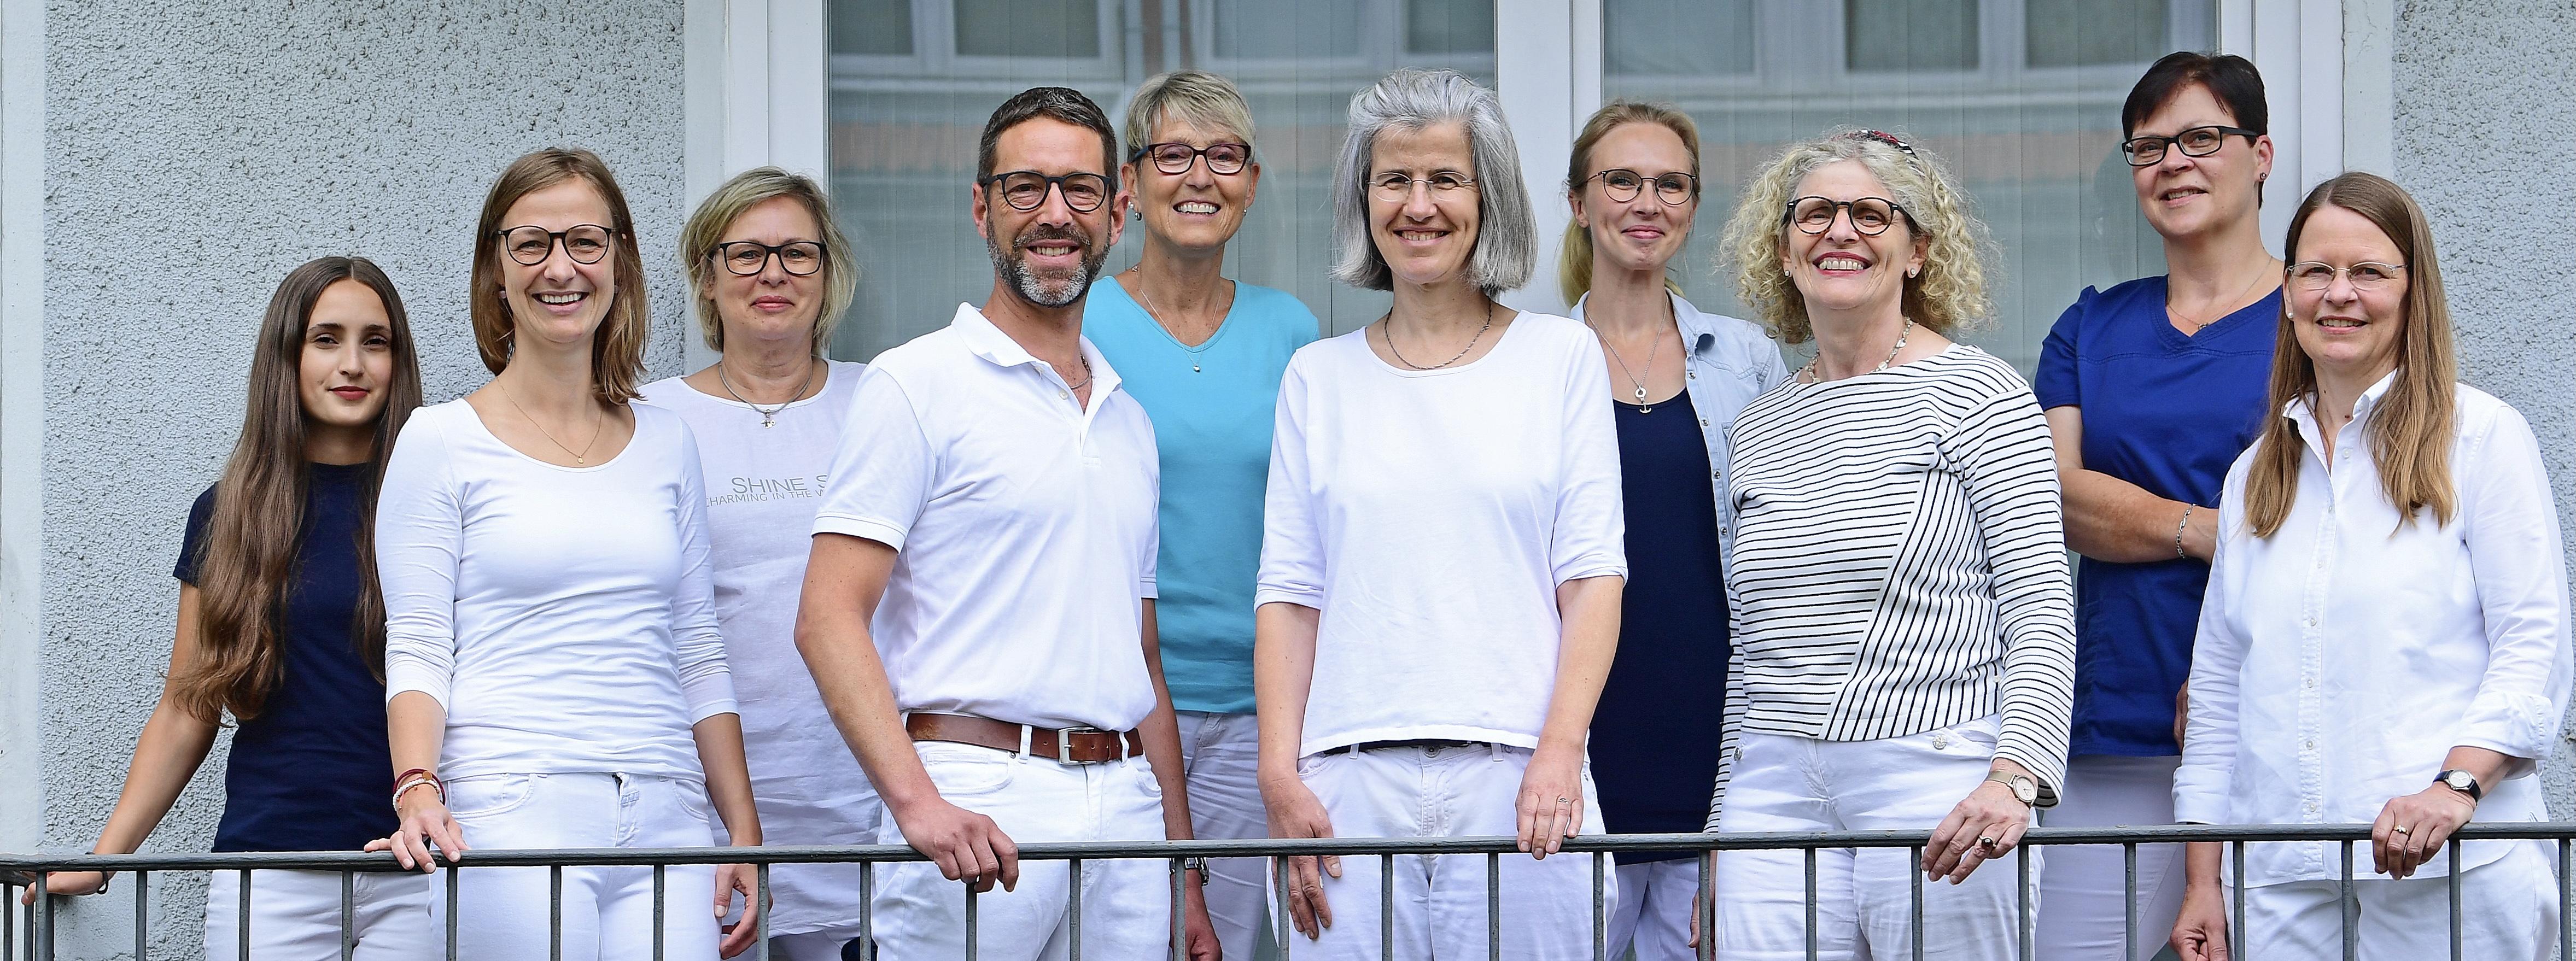 Das Team der Praxis Langenhorn lächelt in die Kamera - herzlich willkommen